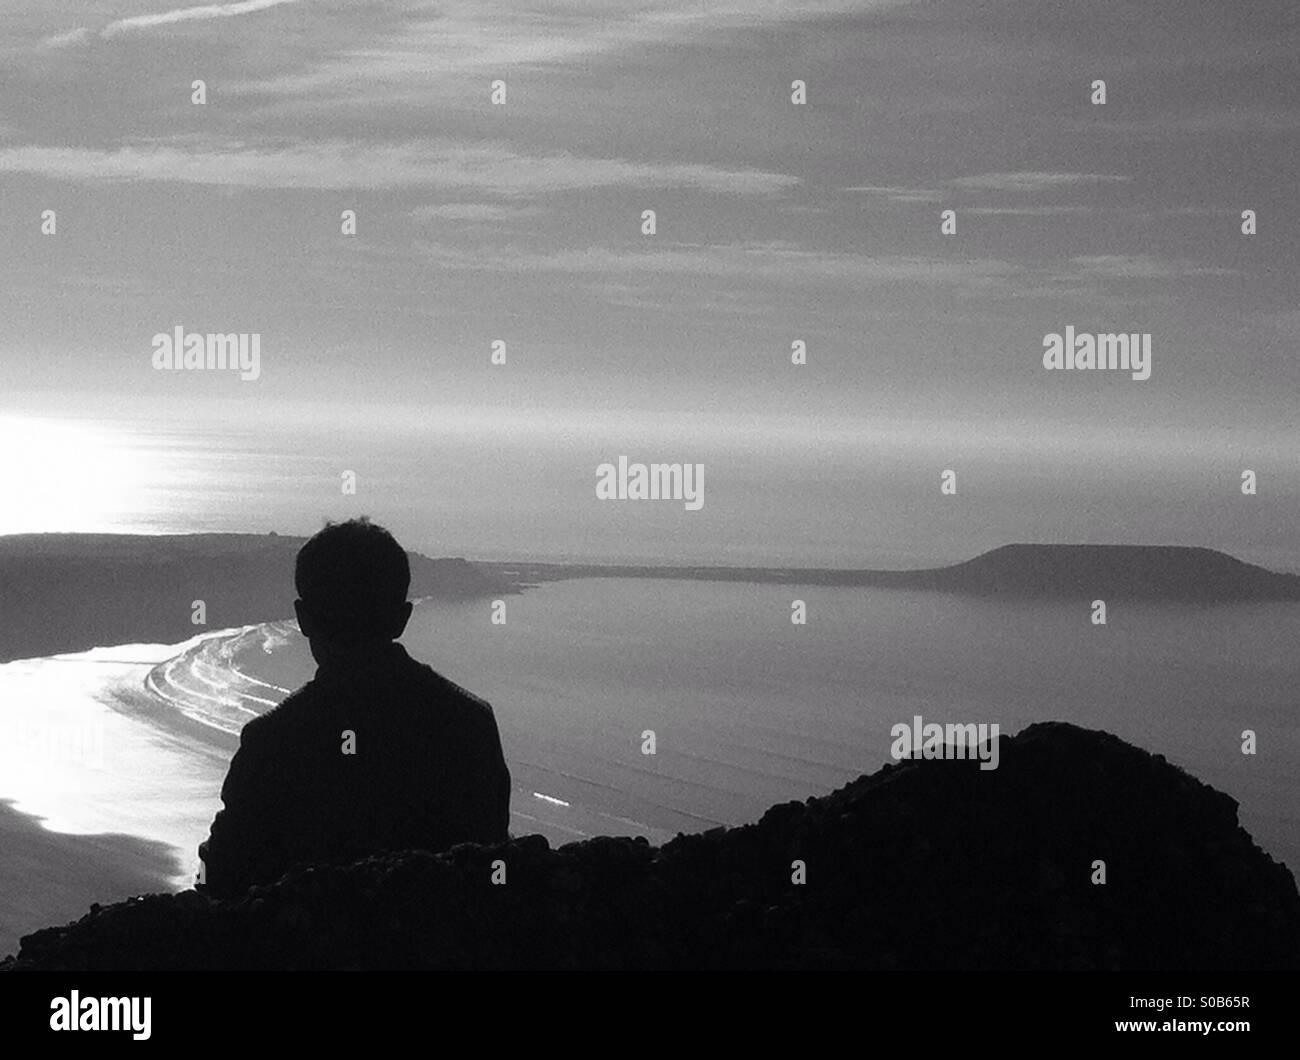 Adolescent chilling sur rocher à admirer la vue de la mer qui entoure la tête des vers, Gower. Silhouette Photo Stock